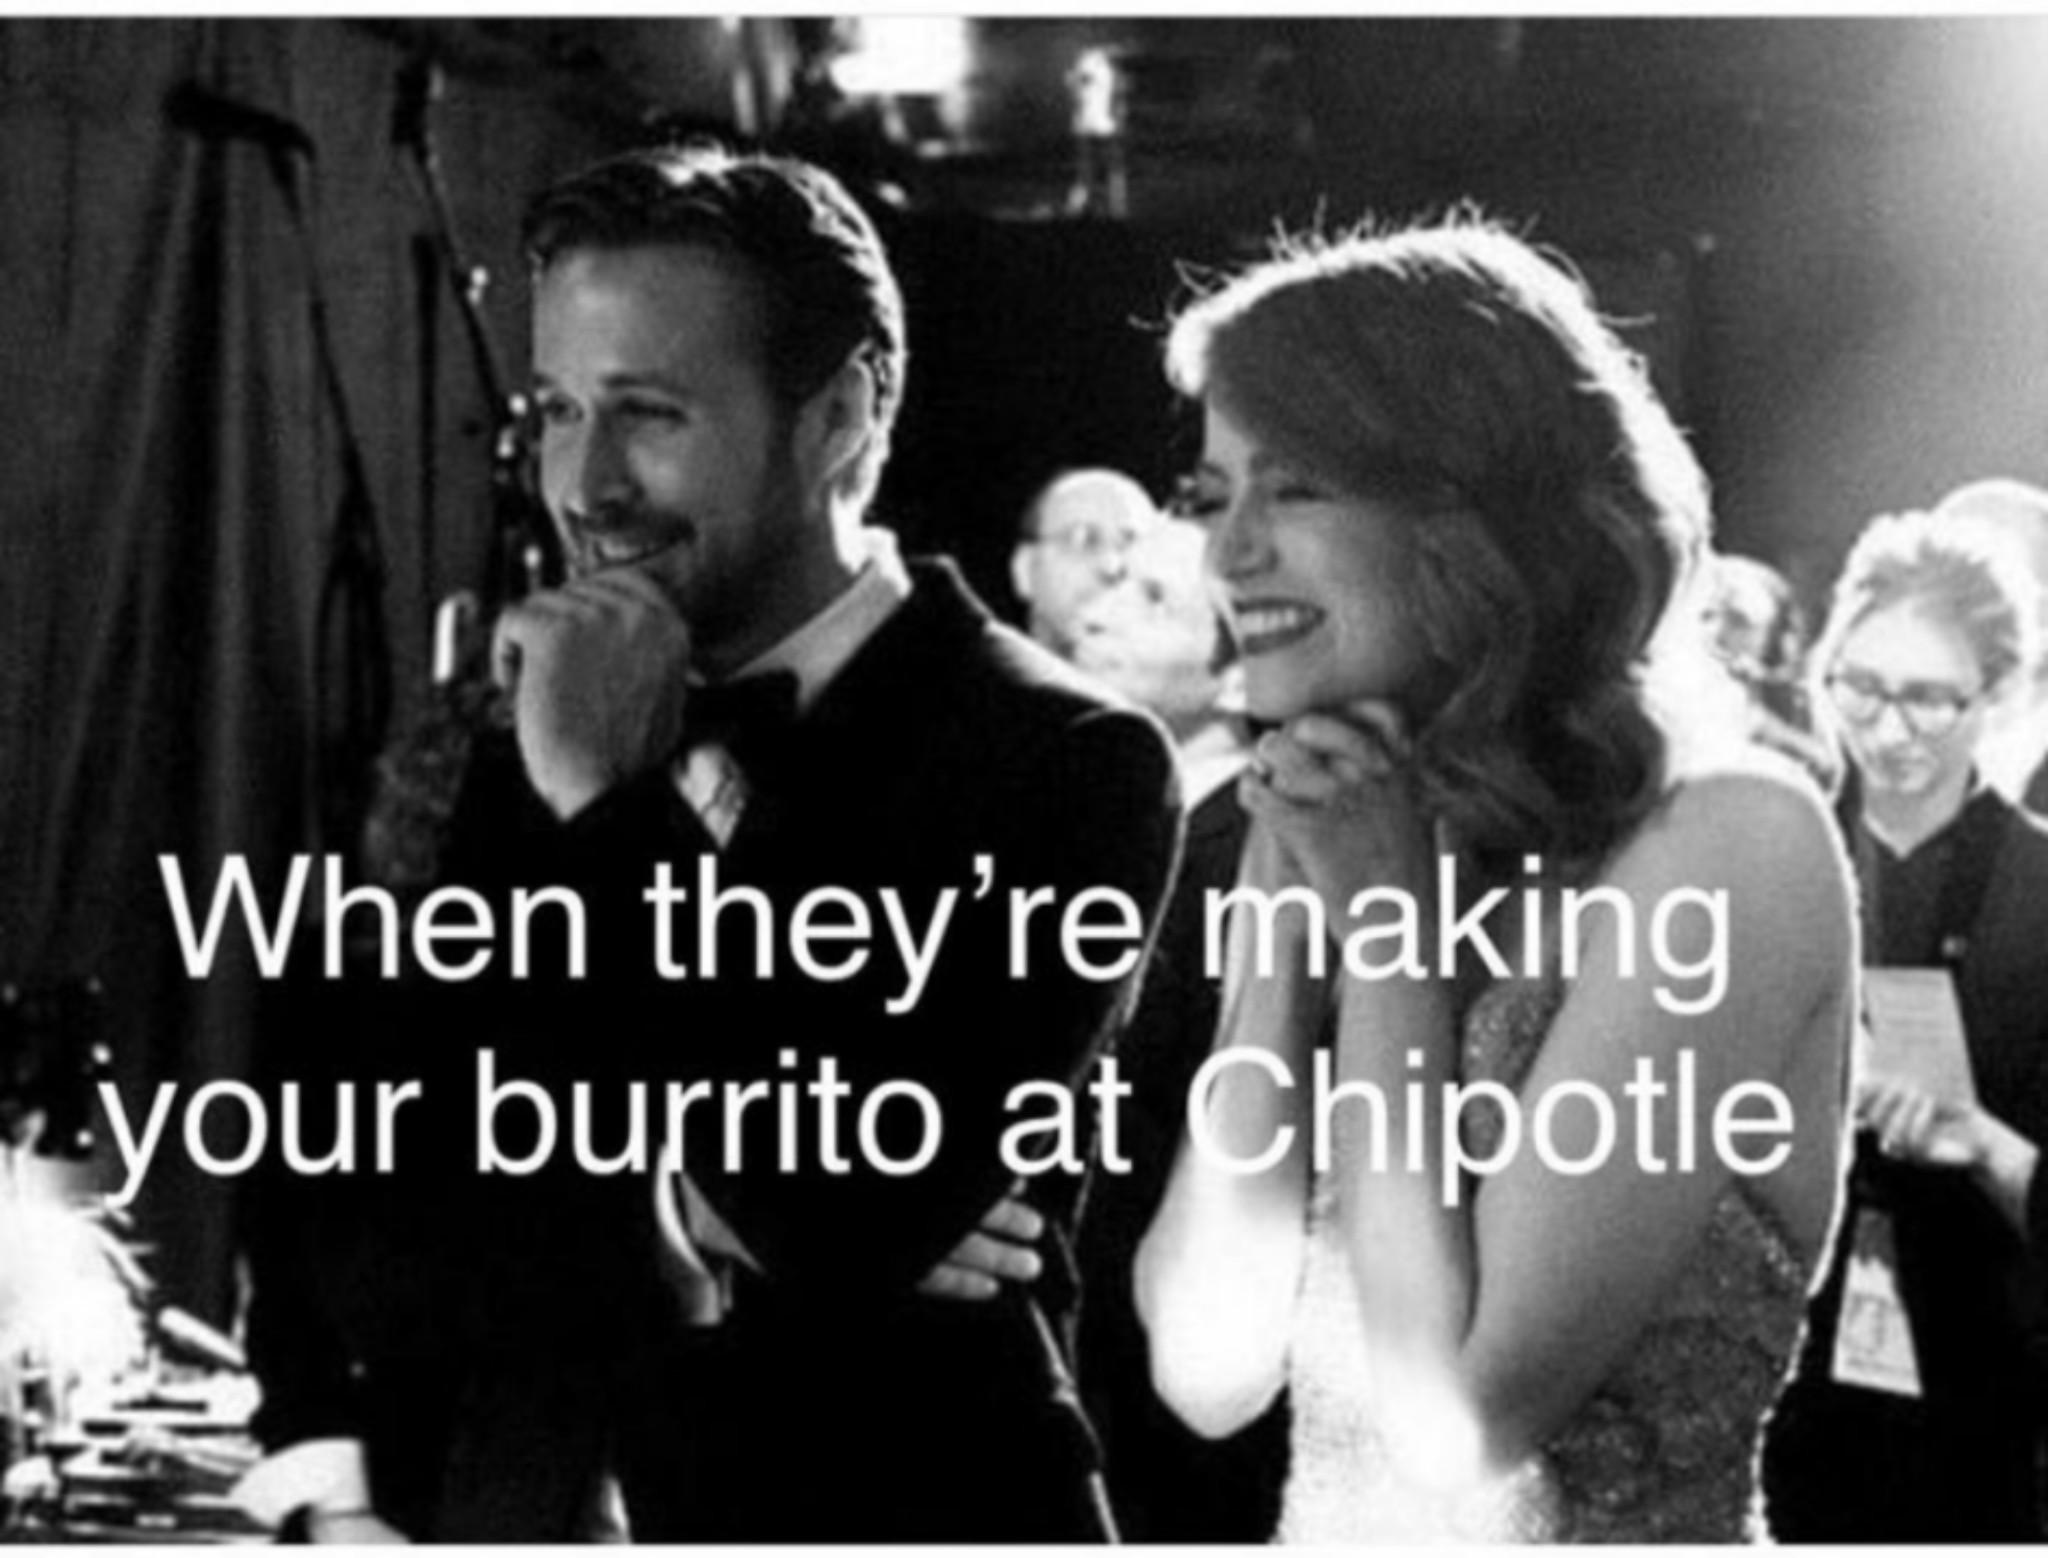 Burritos - meme